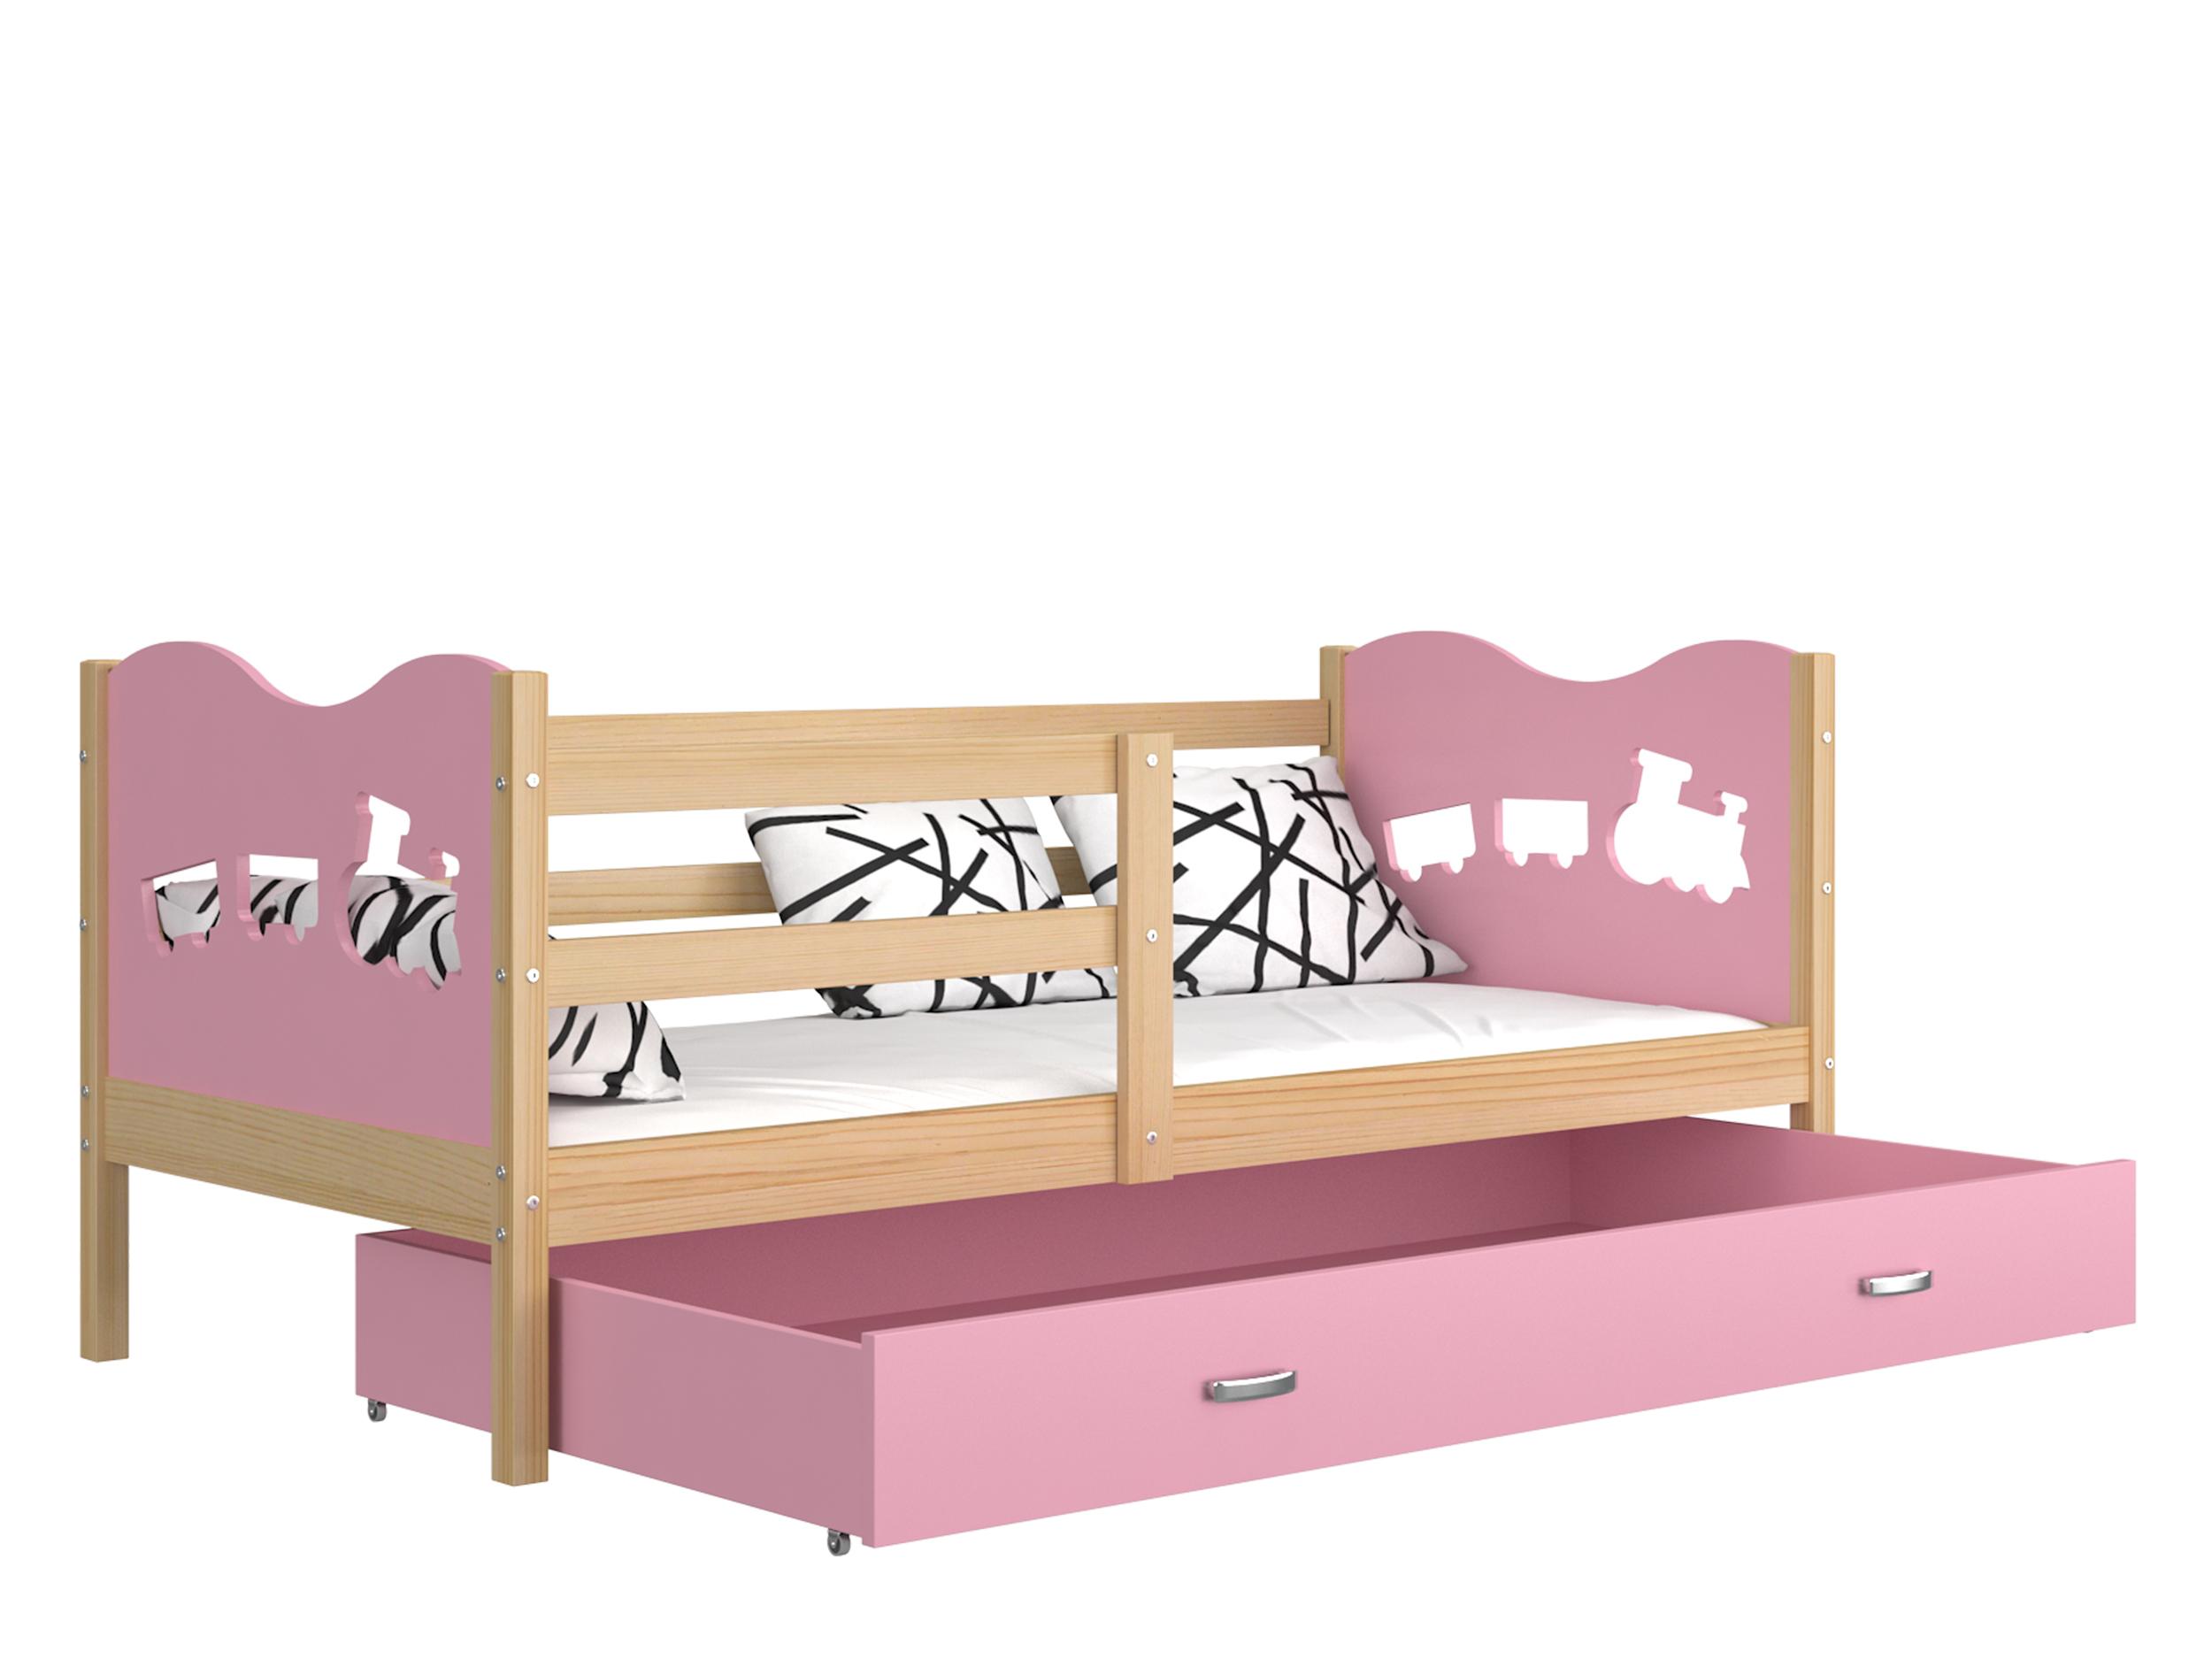 ArtAJ Detská posteľ MAX P drevo / MDF 200 x 90 cm Farba: Borovica / ružová 200 x 90 cm s matracom